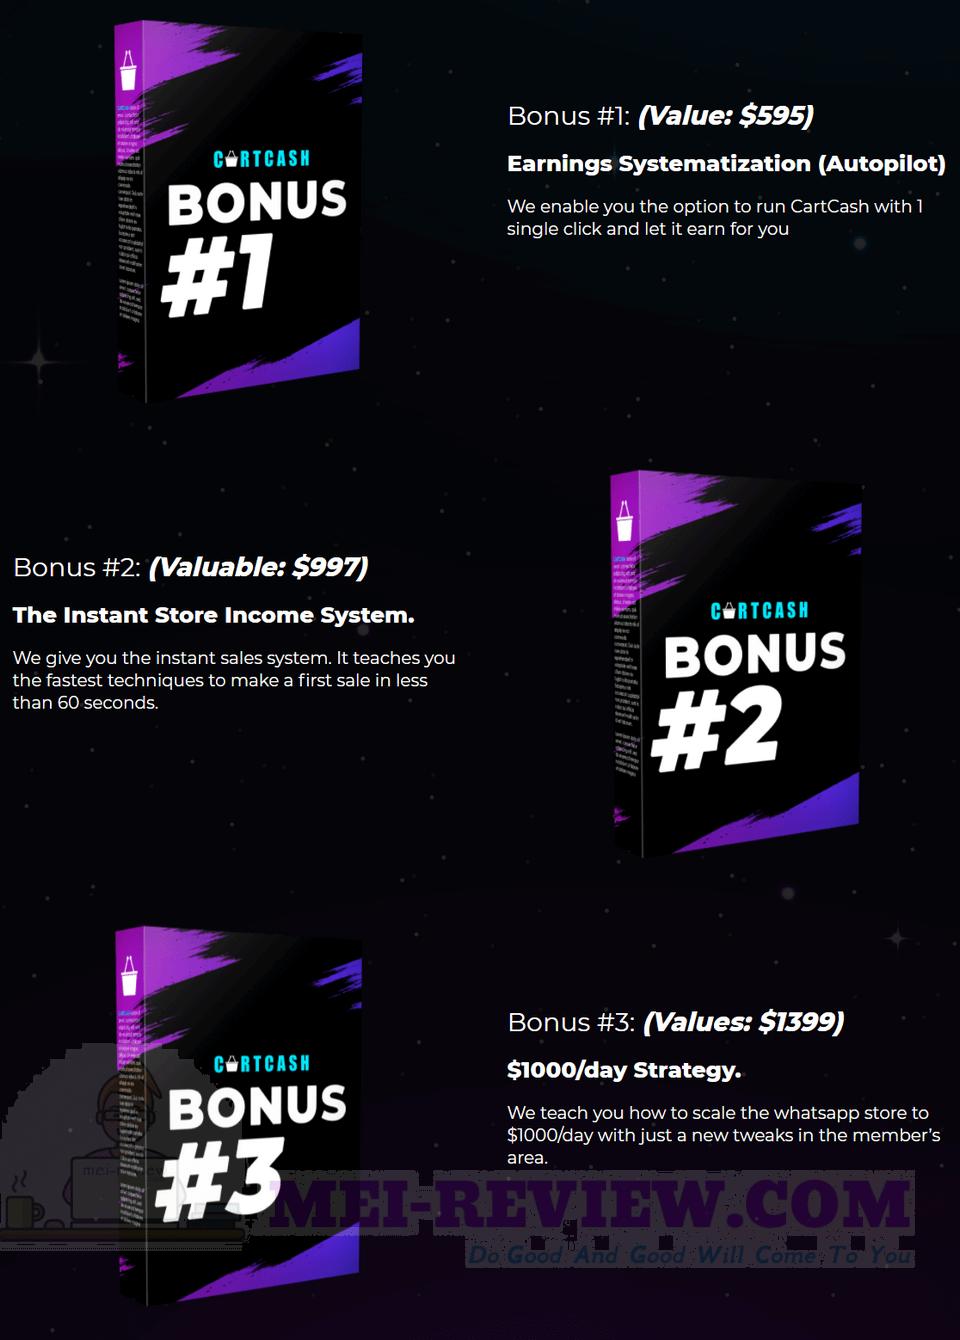 CartCash-bonus